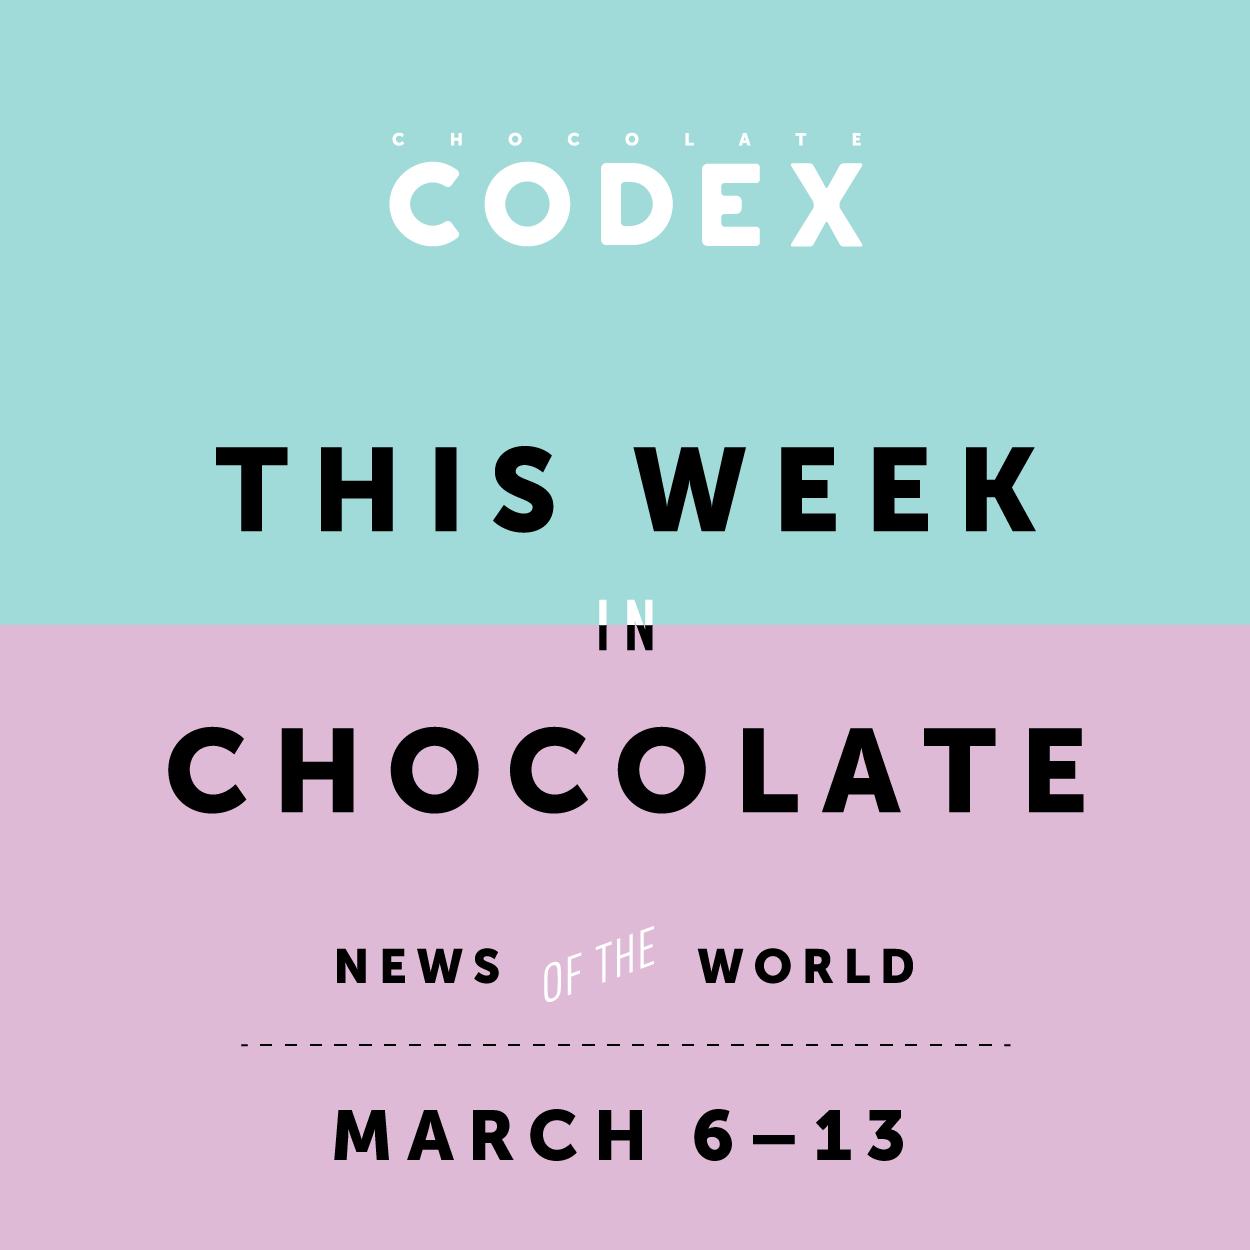 ChocolateCodex_ThisWeek_Chocolate_News_2016_11